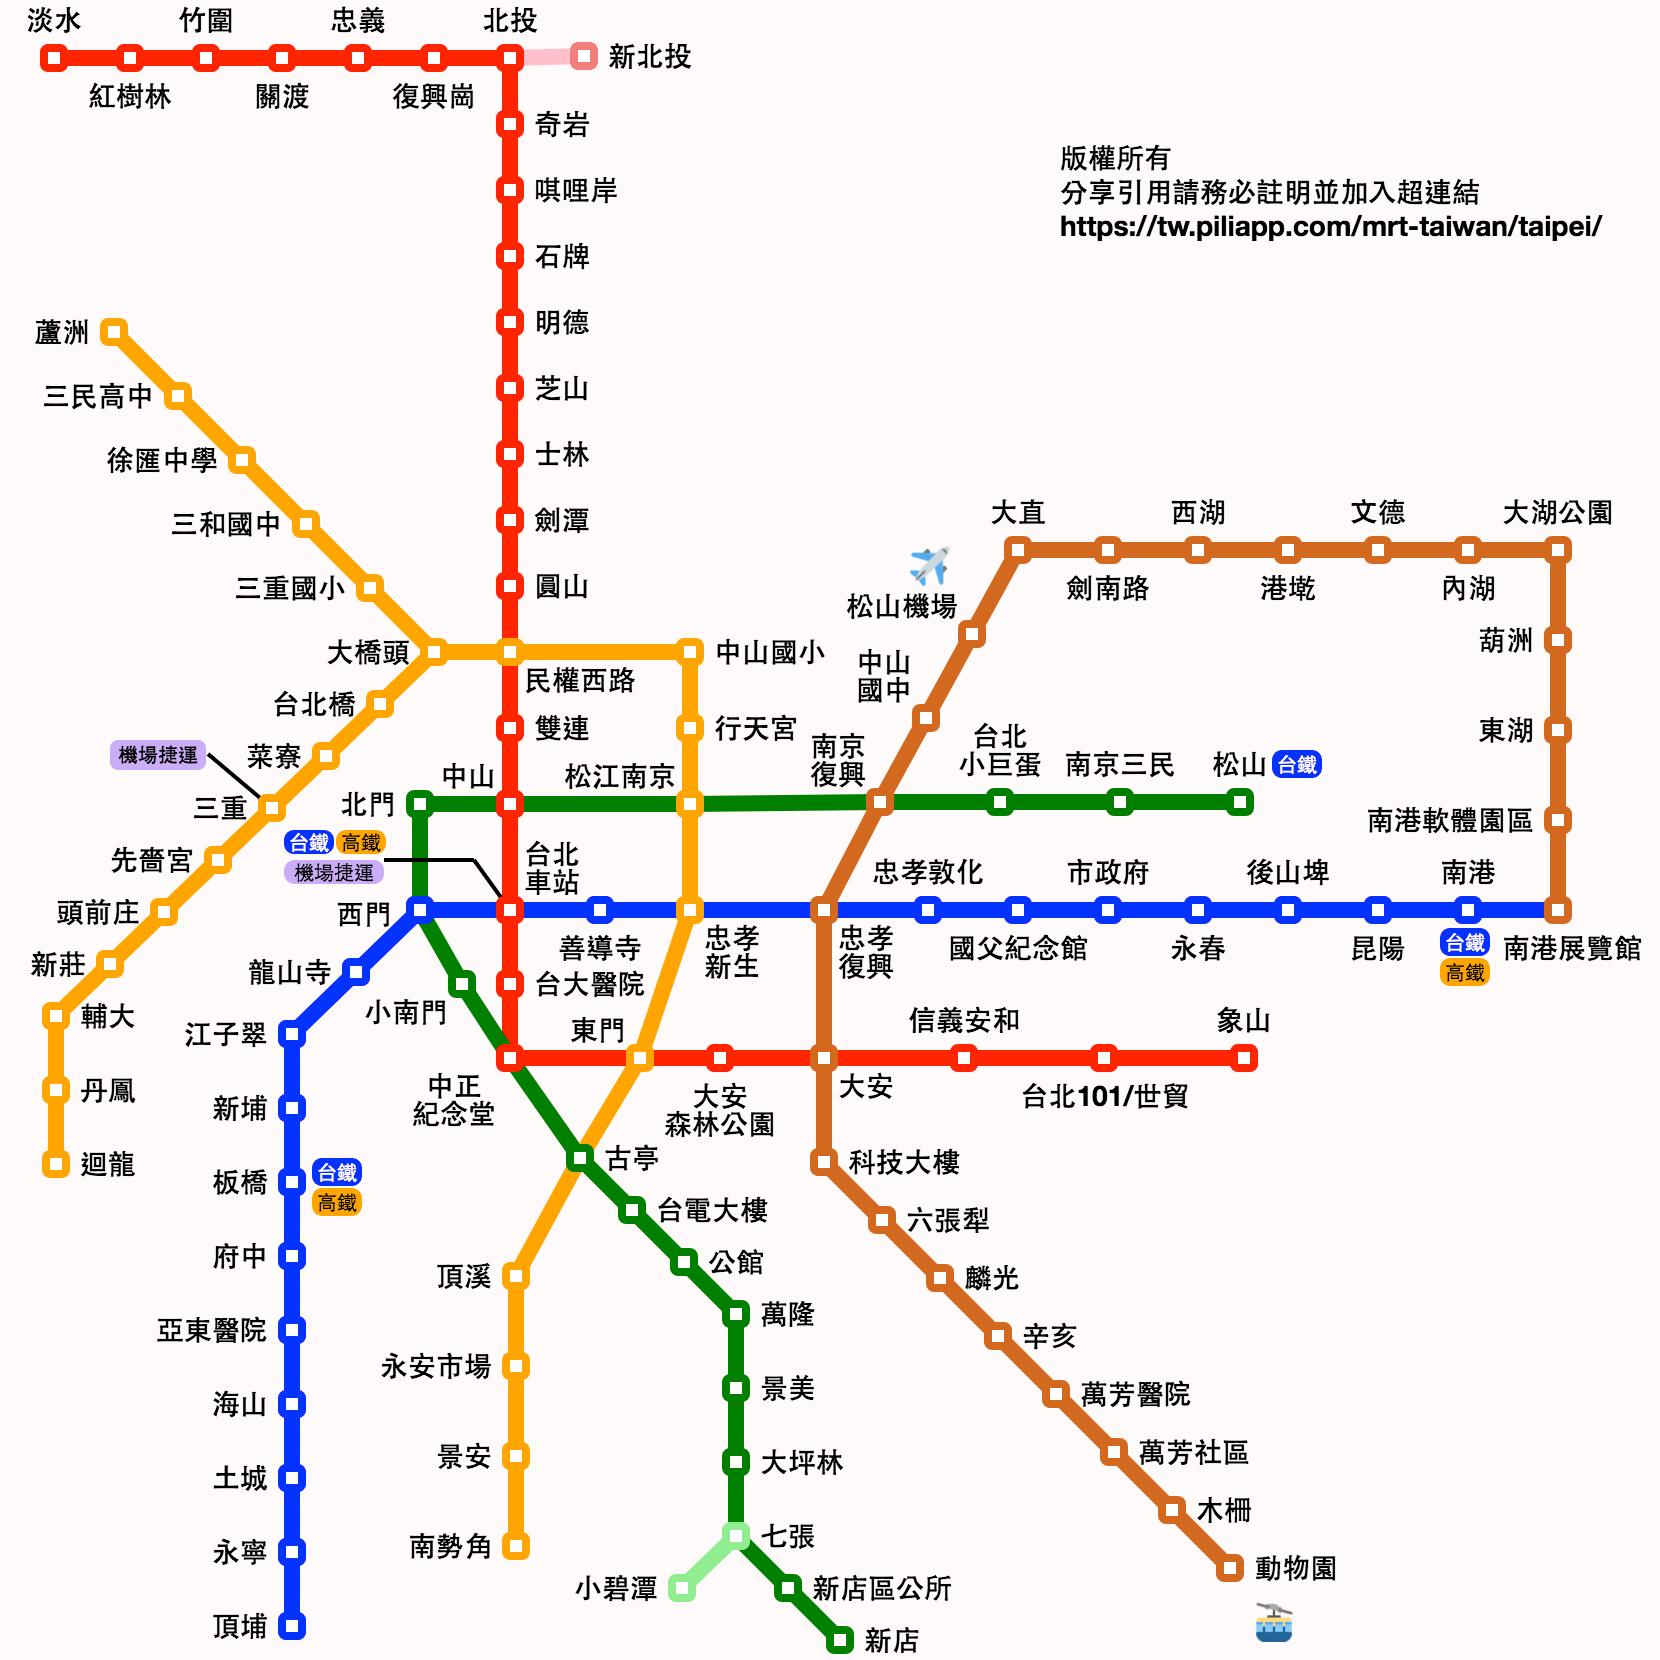 臺北捷運路線圖